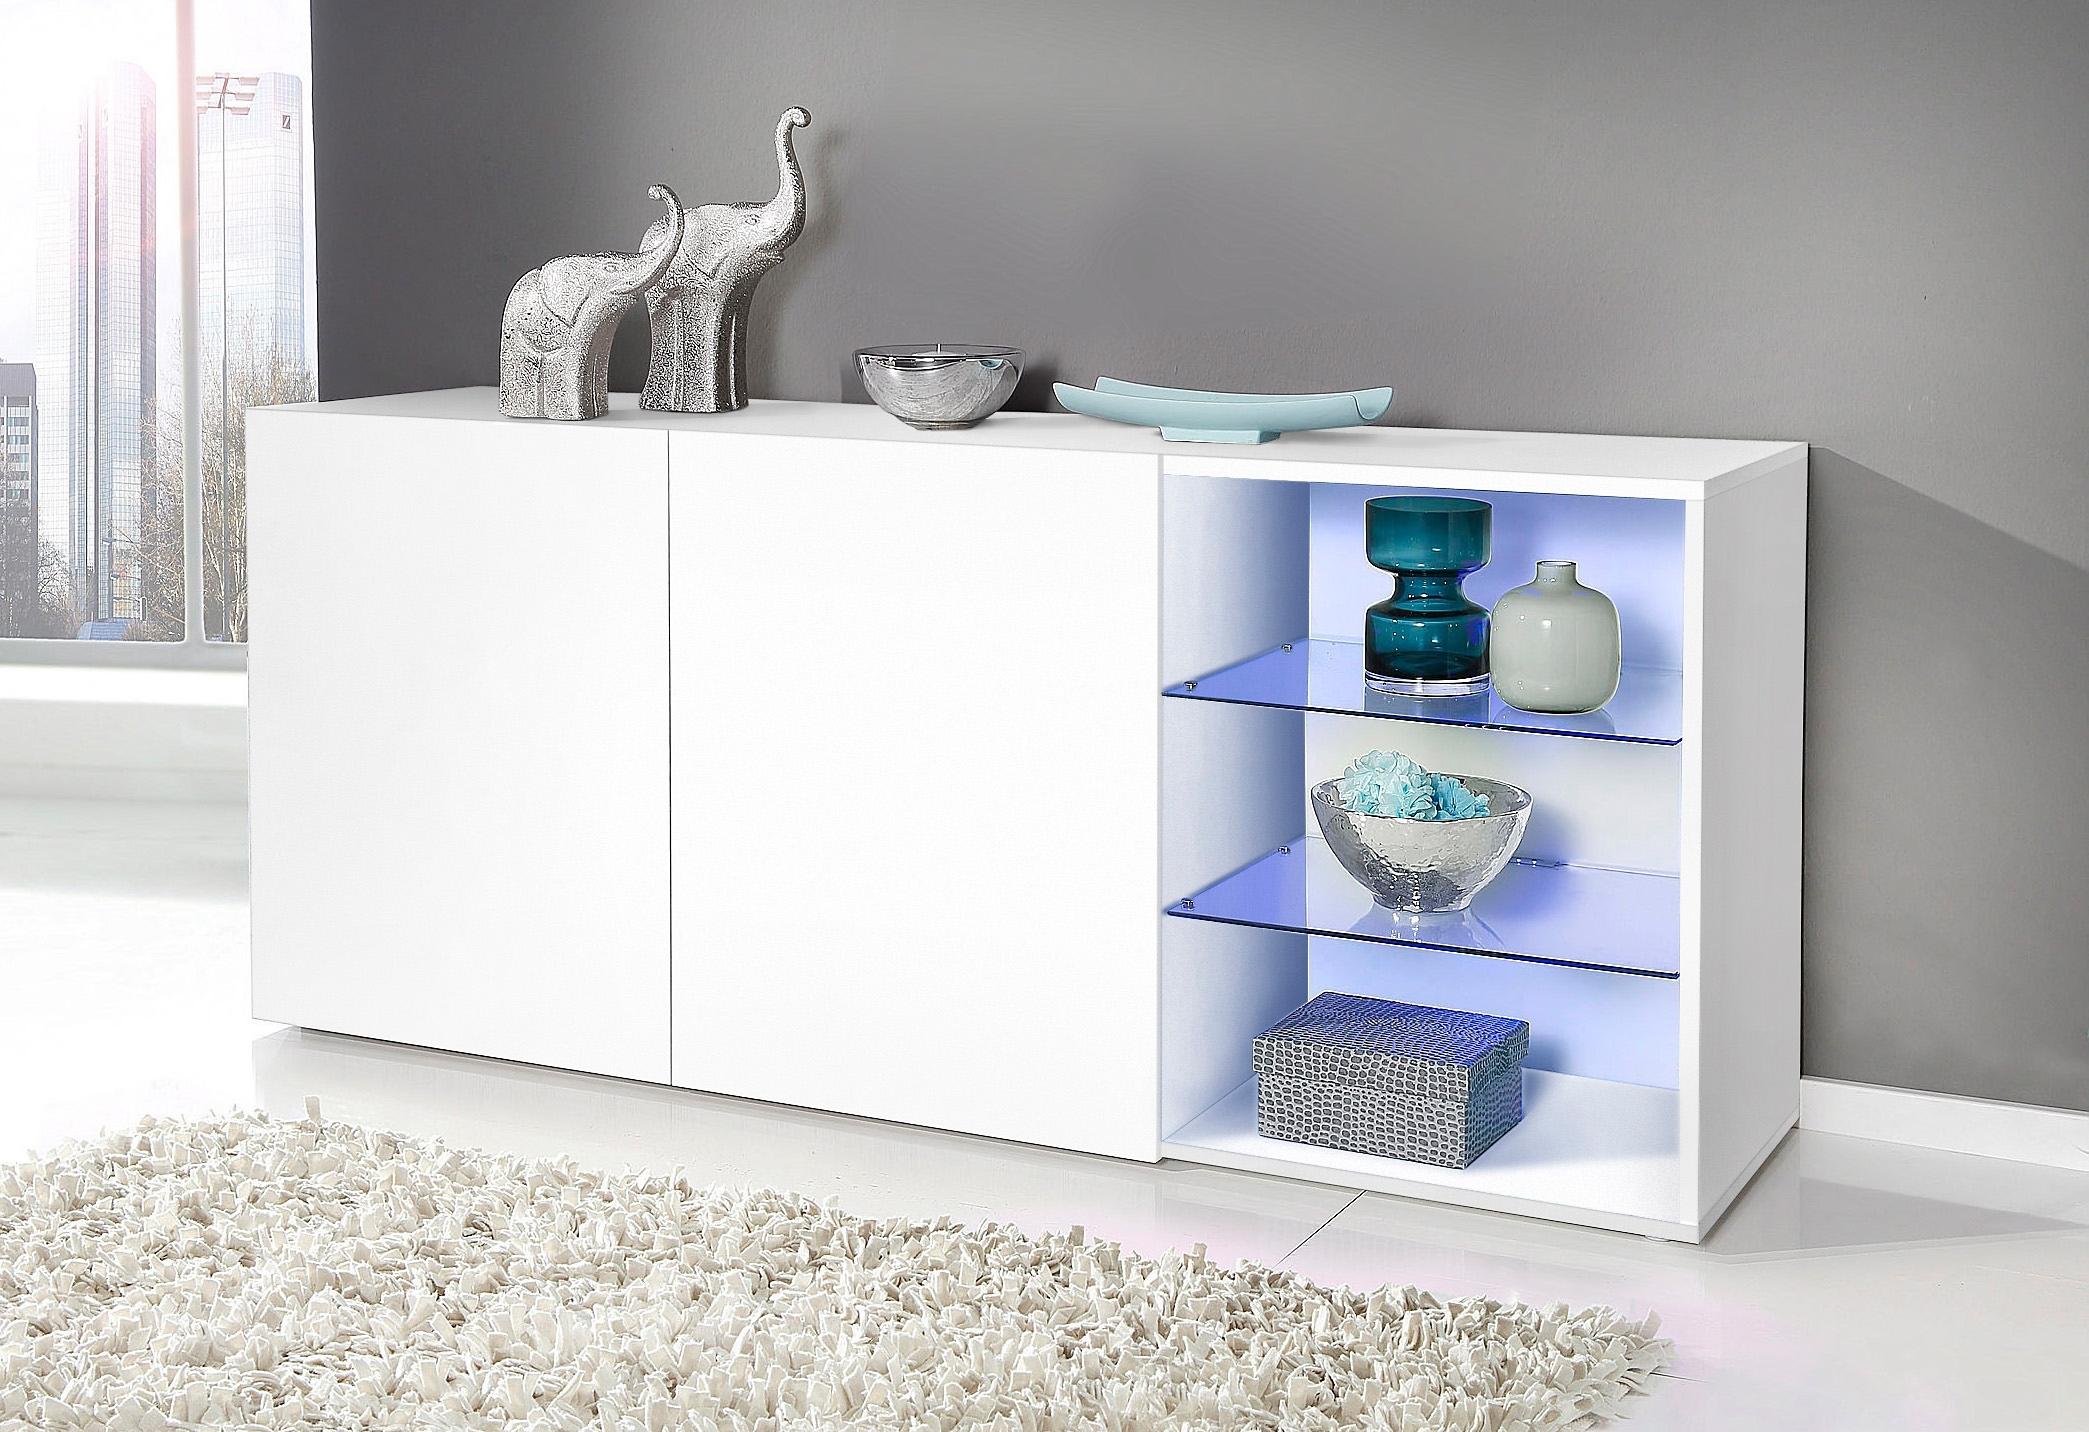 Tecnos Sideboard met 2 glasplateaus veilig op otto.nl kopen